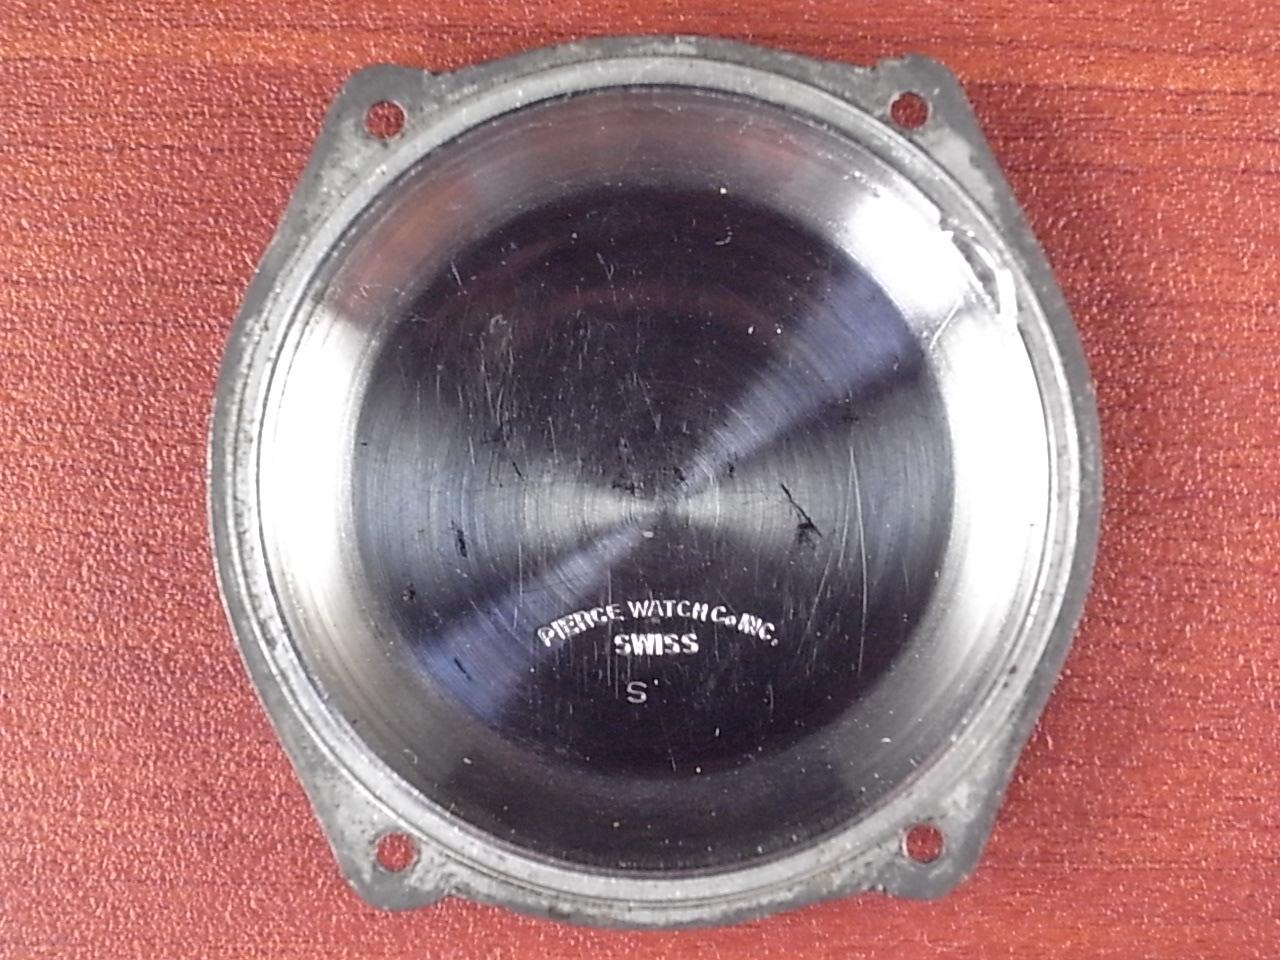 ピアース ワンプッシュ縦目クロノグラフ ブラックミラーDL 1940年代の写真6枚目